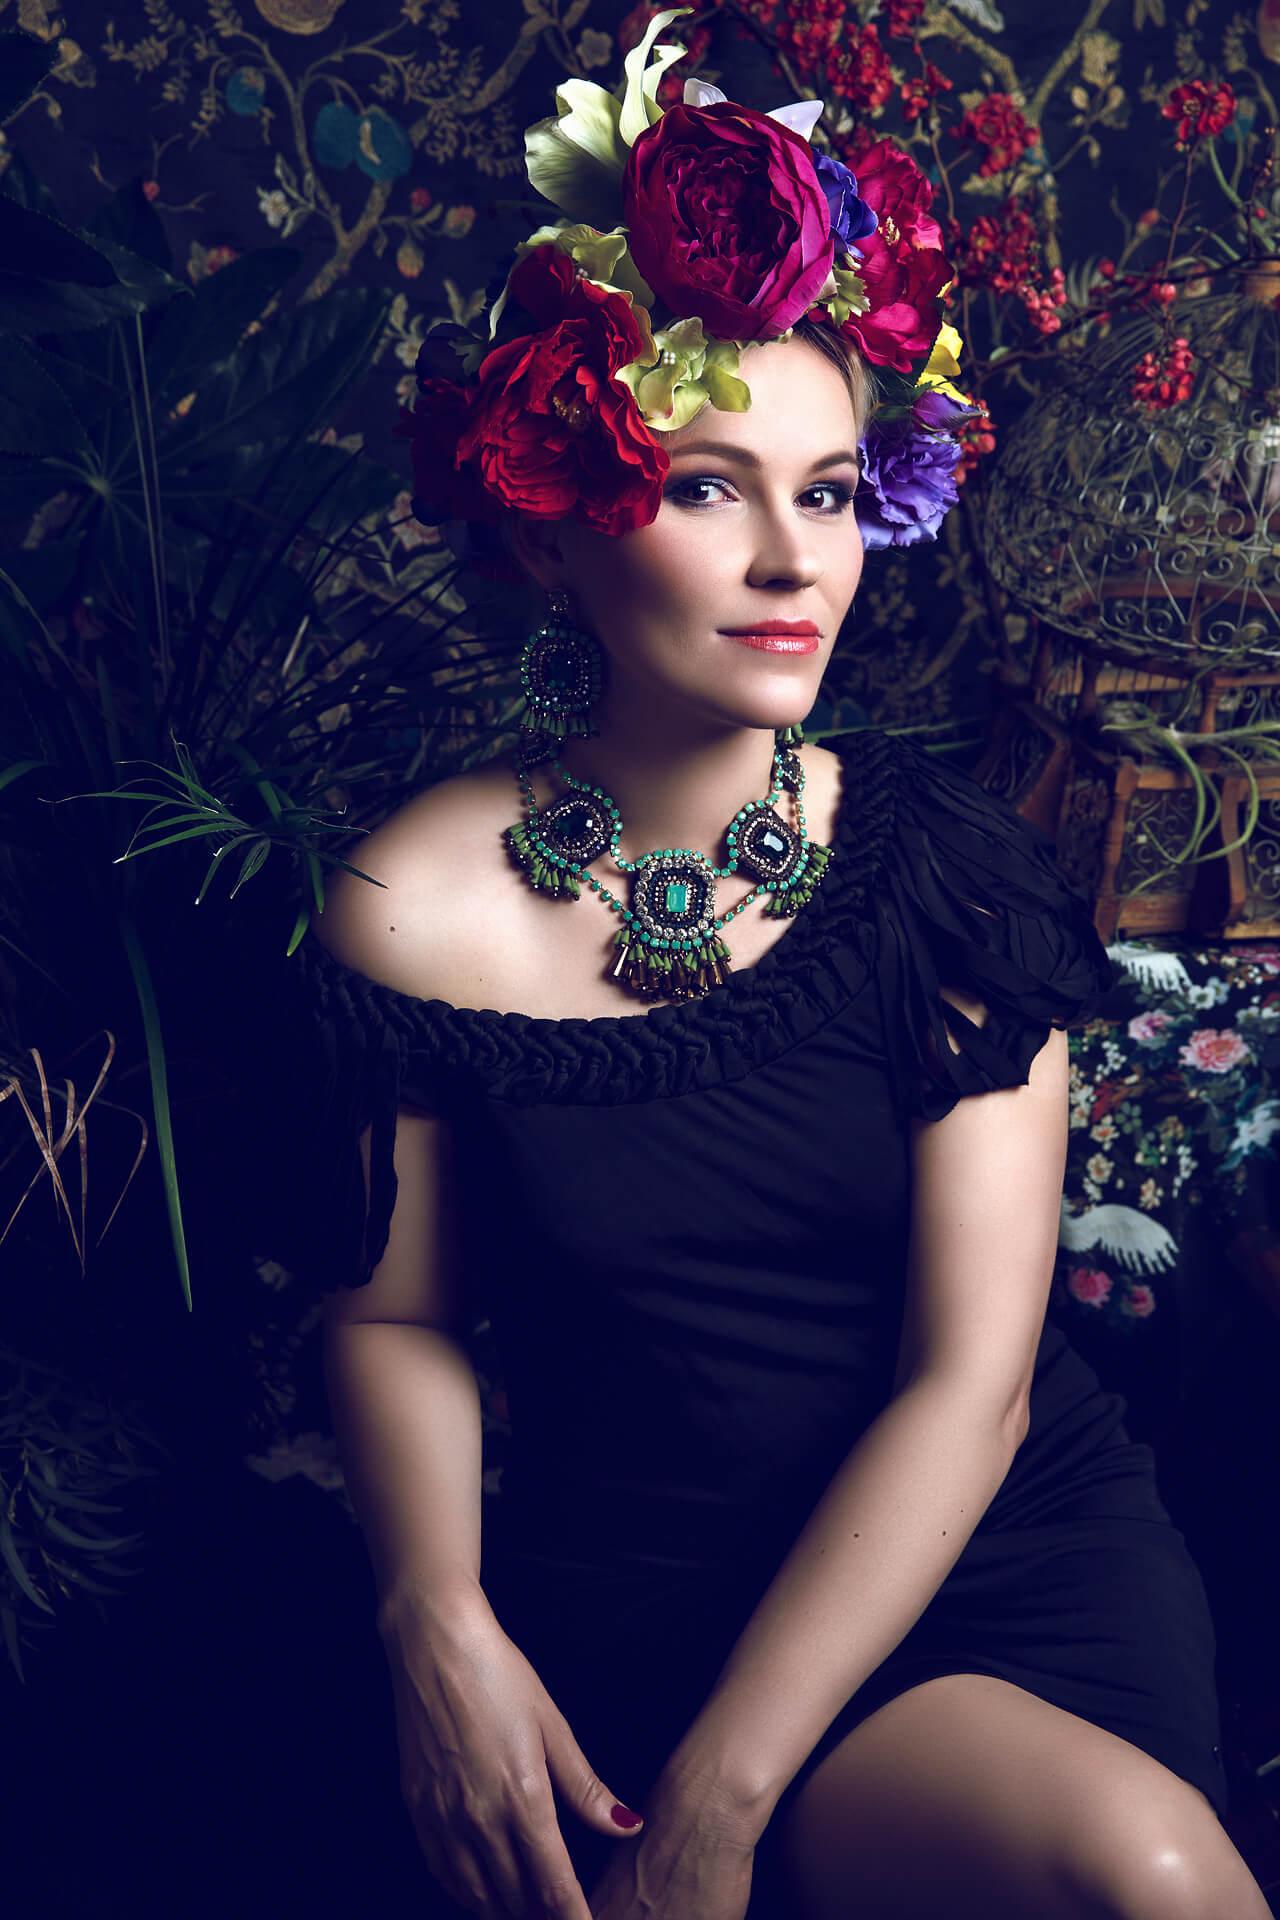 Sesje kobiece projekty artystyczne